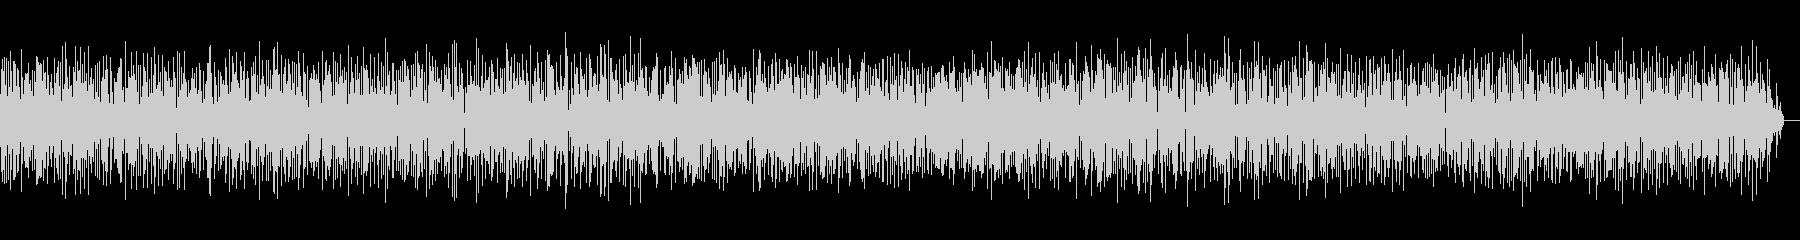 アコーディオンジャズのカフェミュージックの未再生の波形